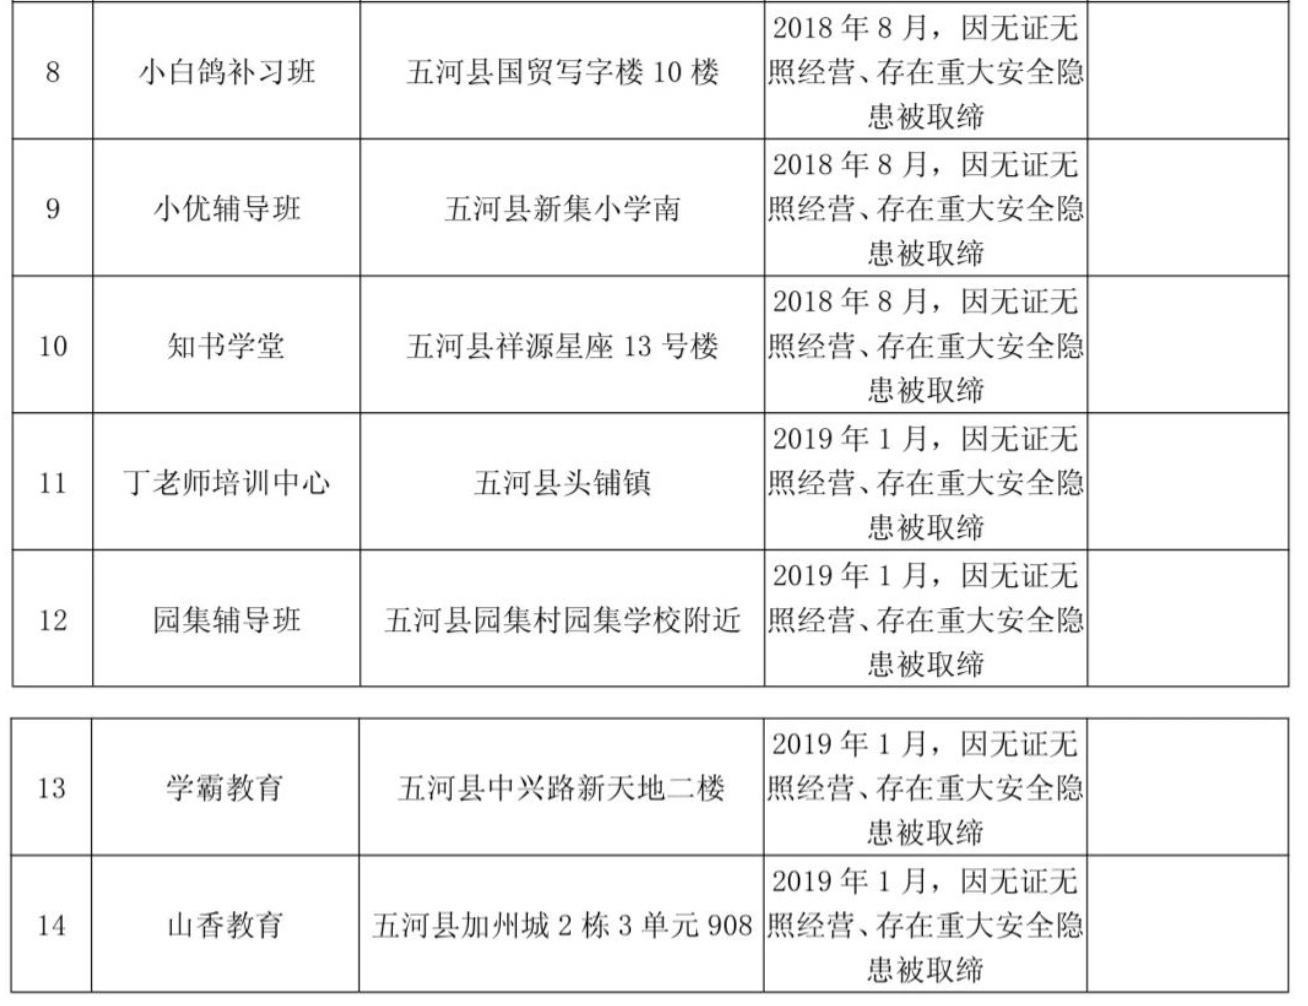 参与网络博彩犯法,双十一,拼多多鏖战京东